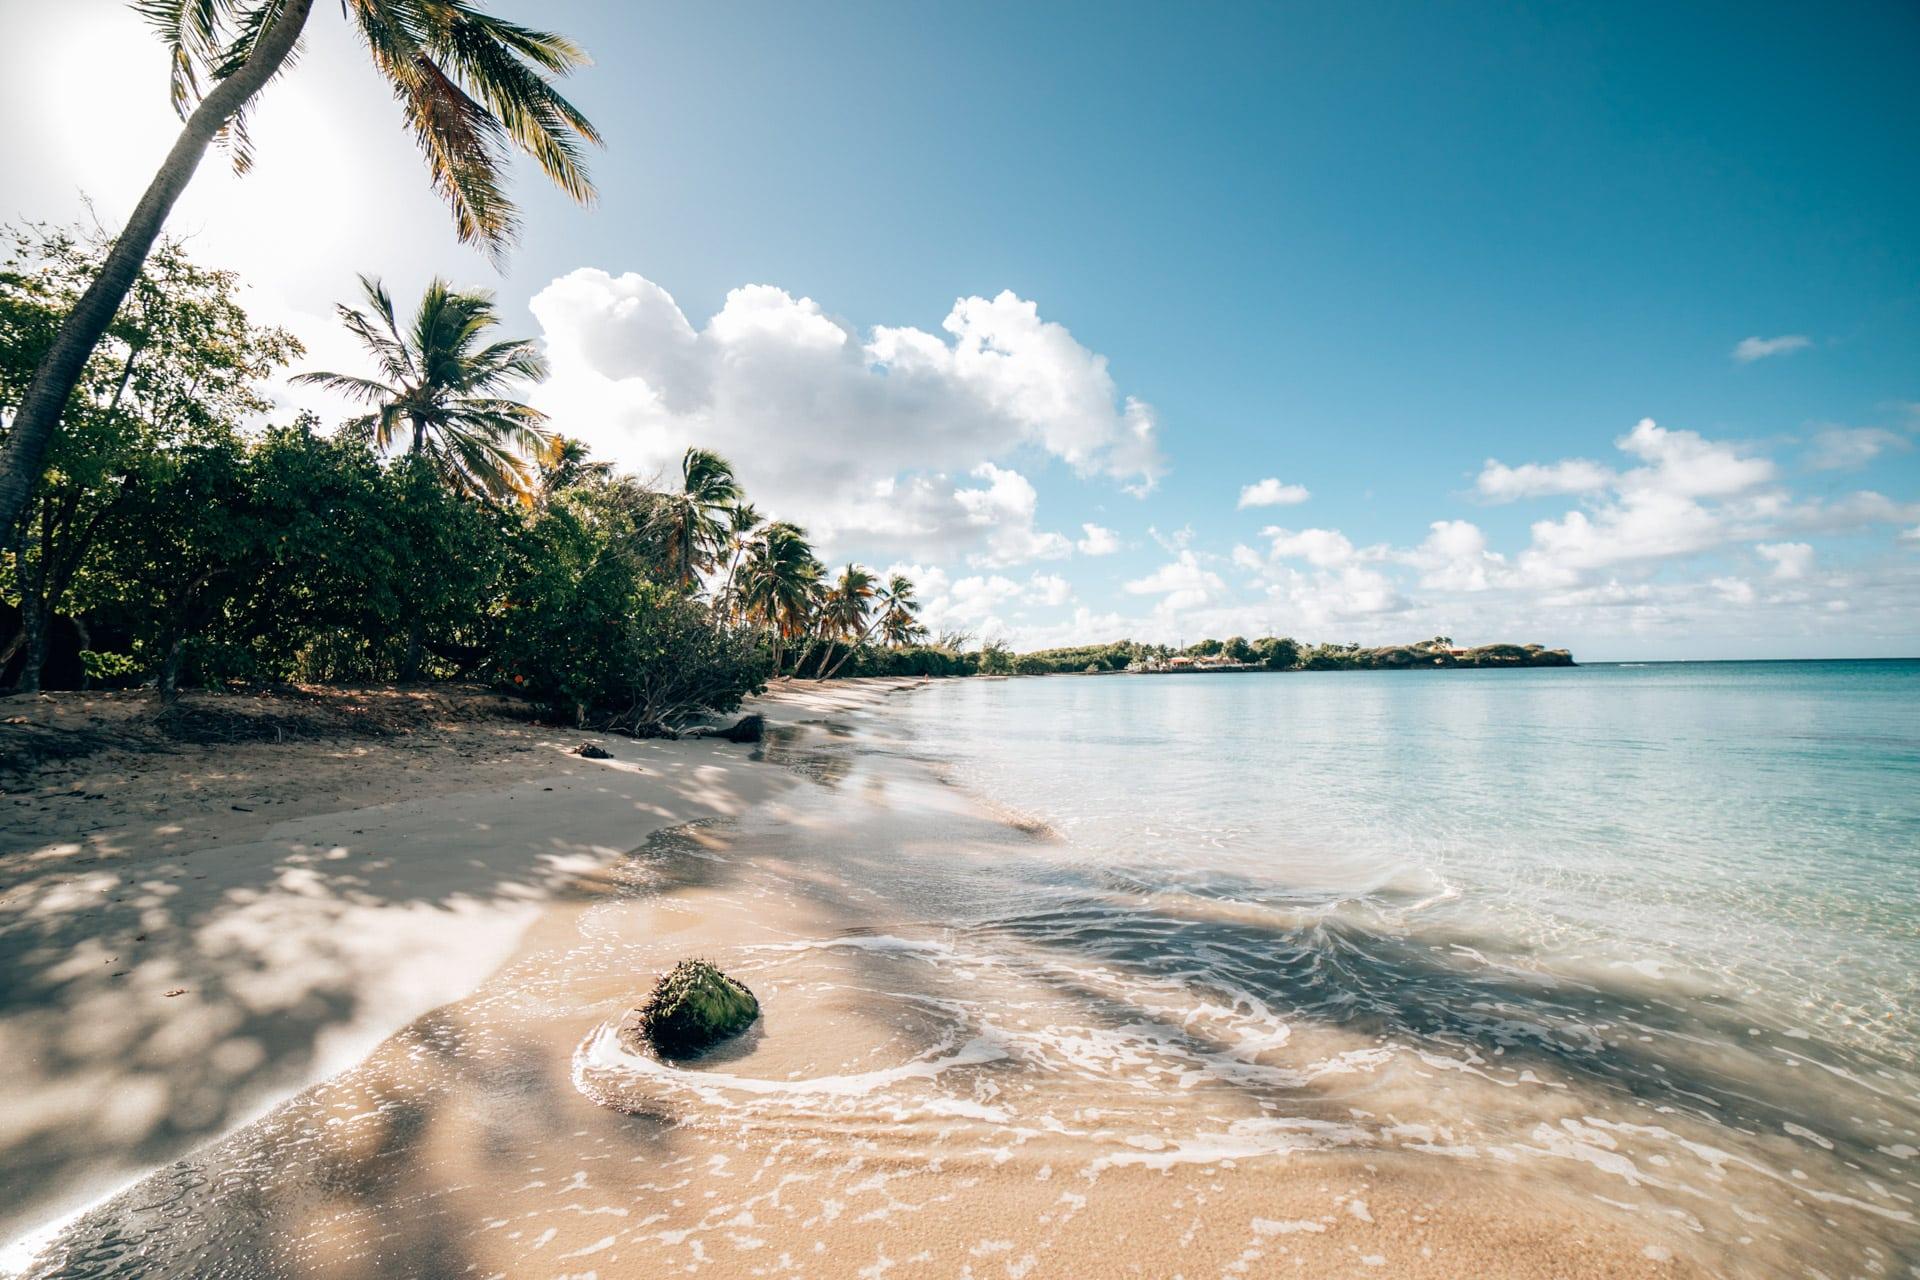 ID5A2668 - Voyage en Martinique : Itinéraire et conseils